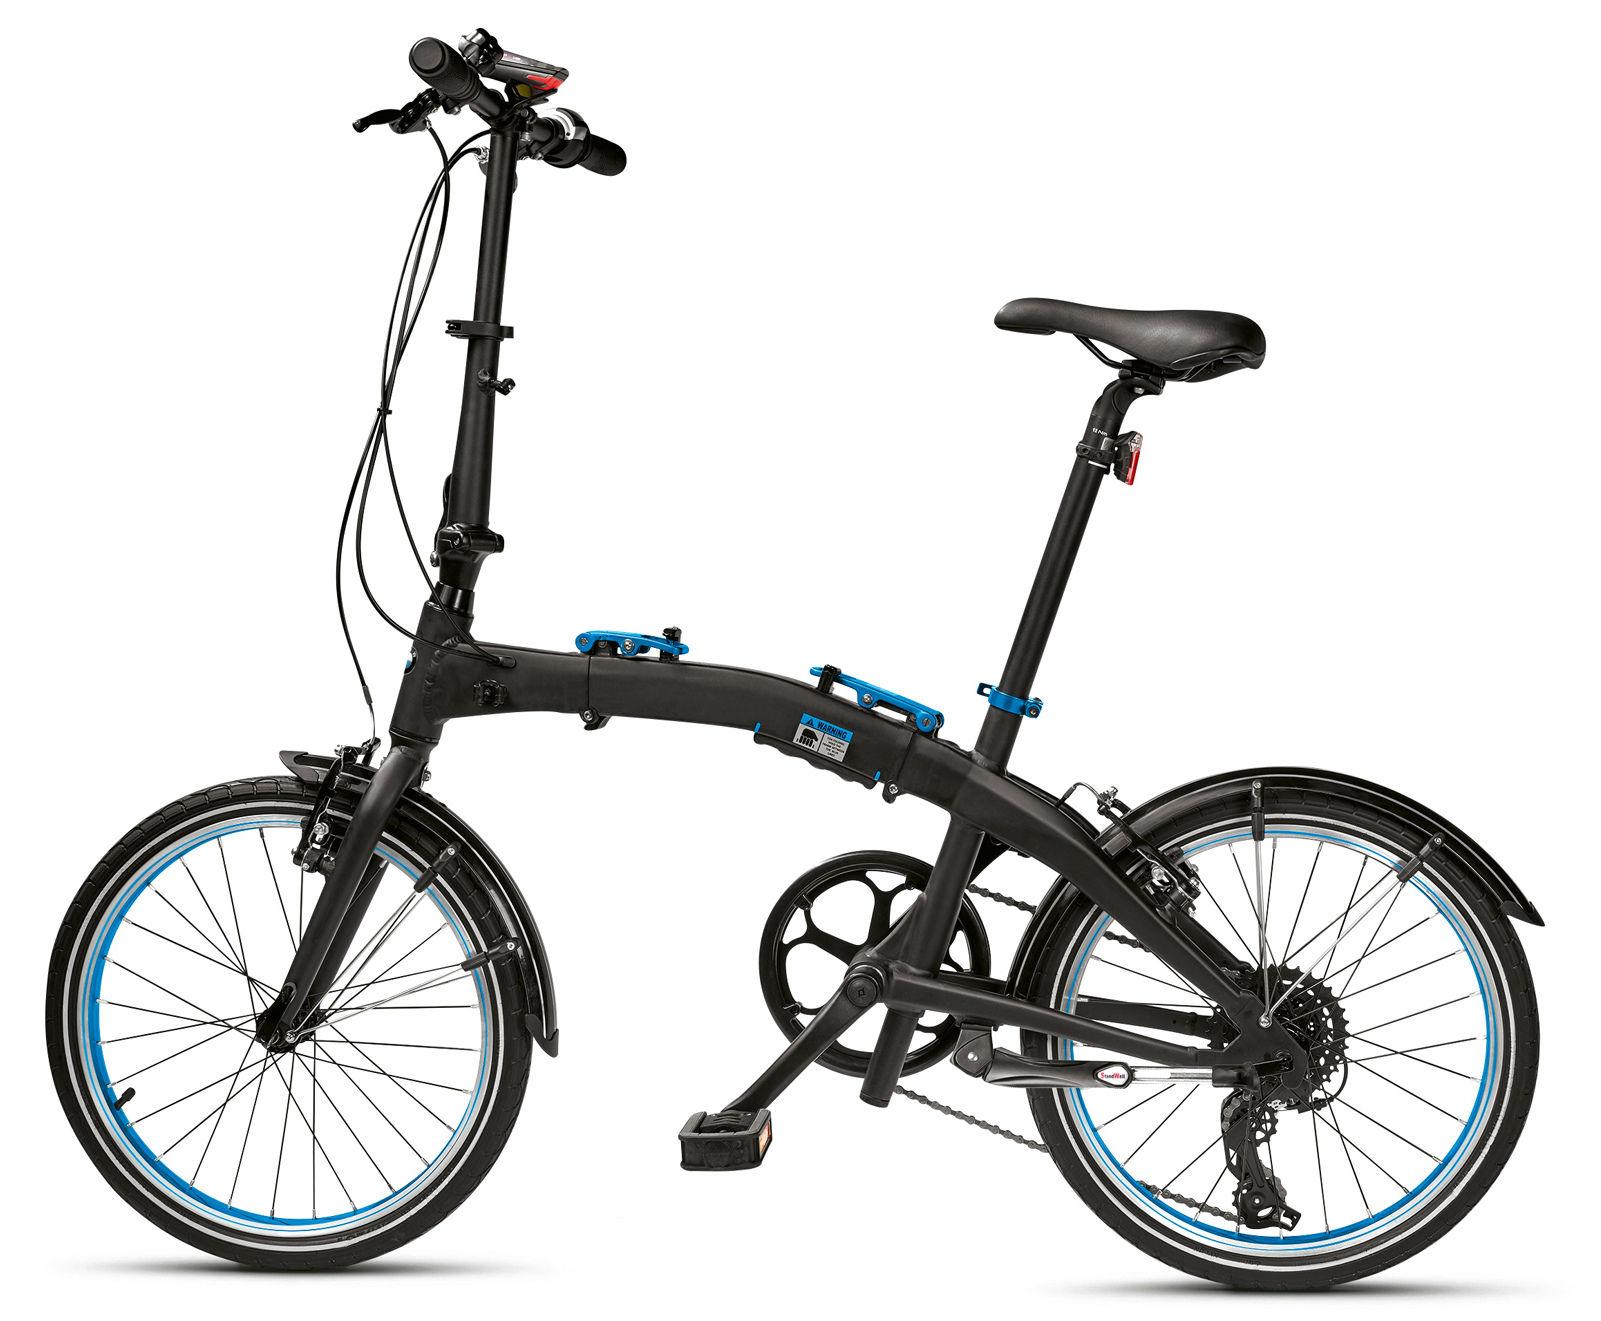 Велосипед BMW 80912447964 Black Blu